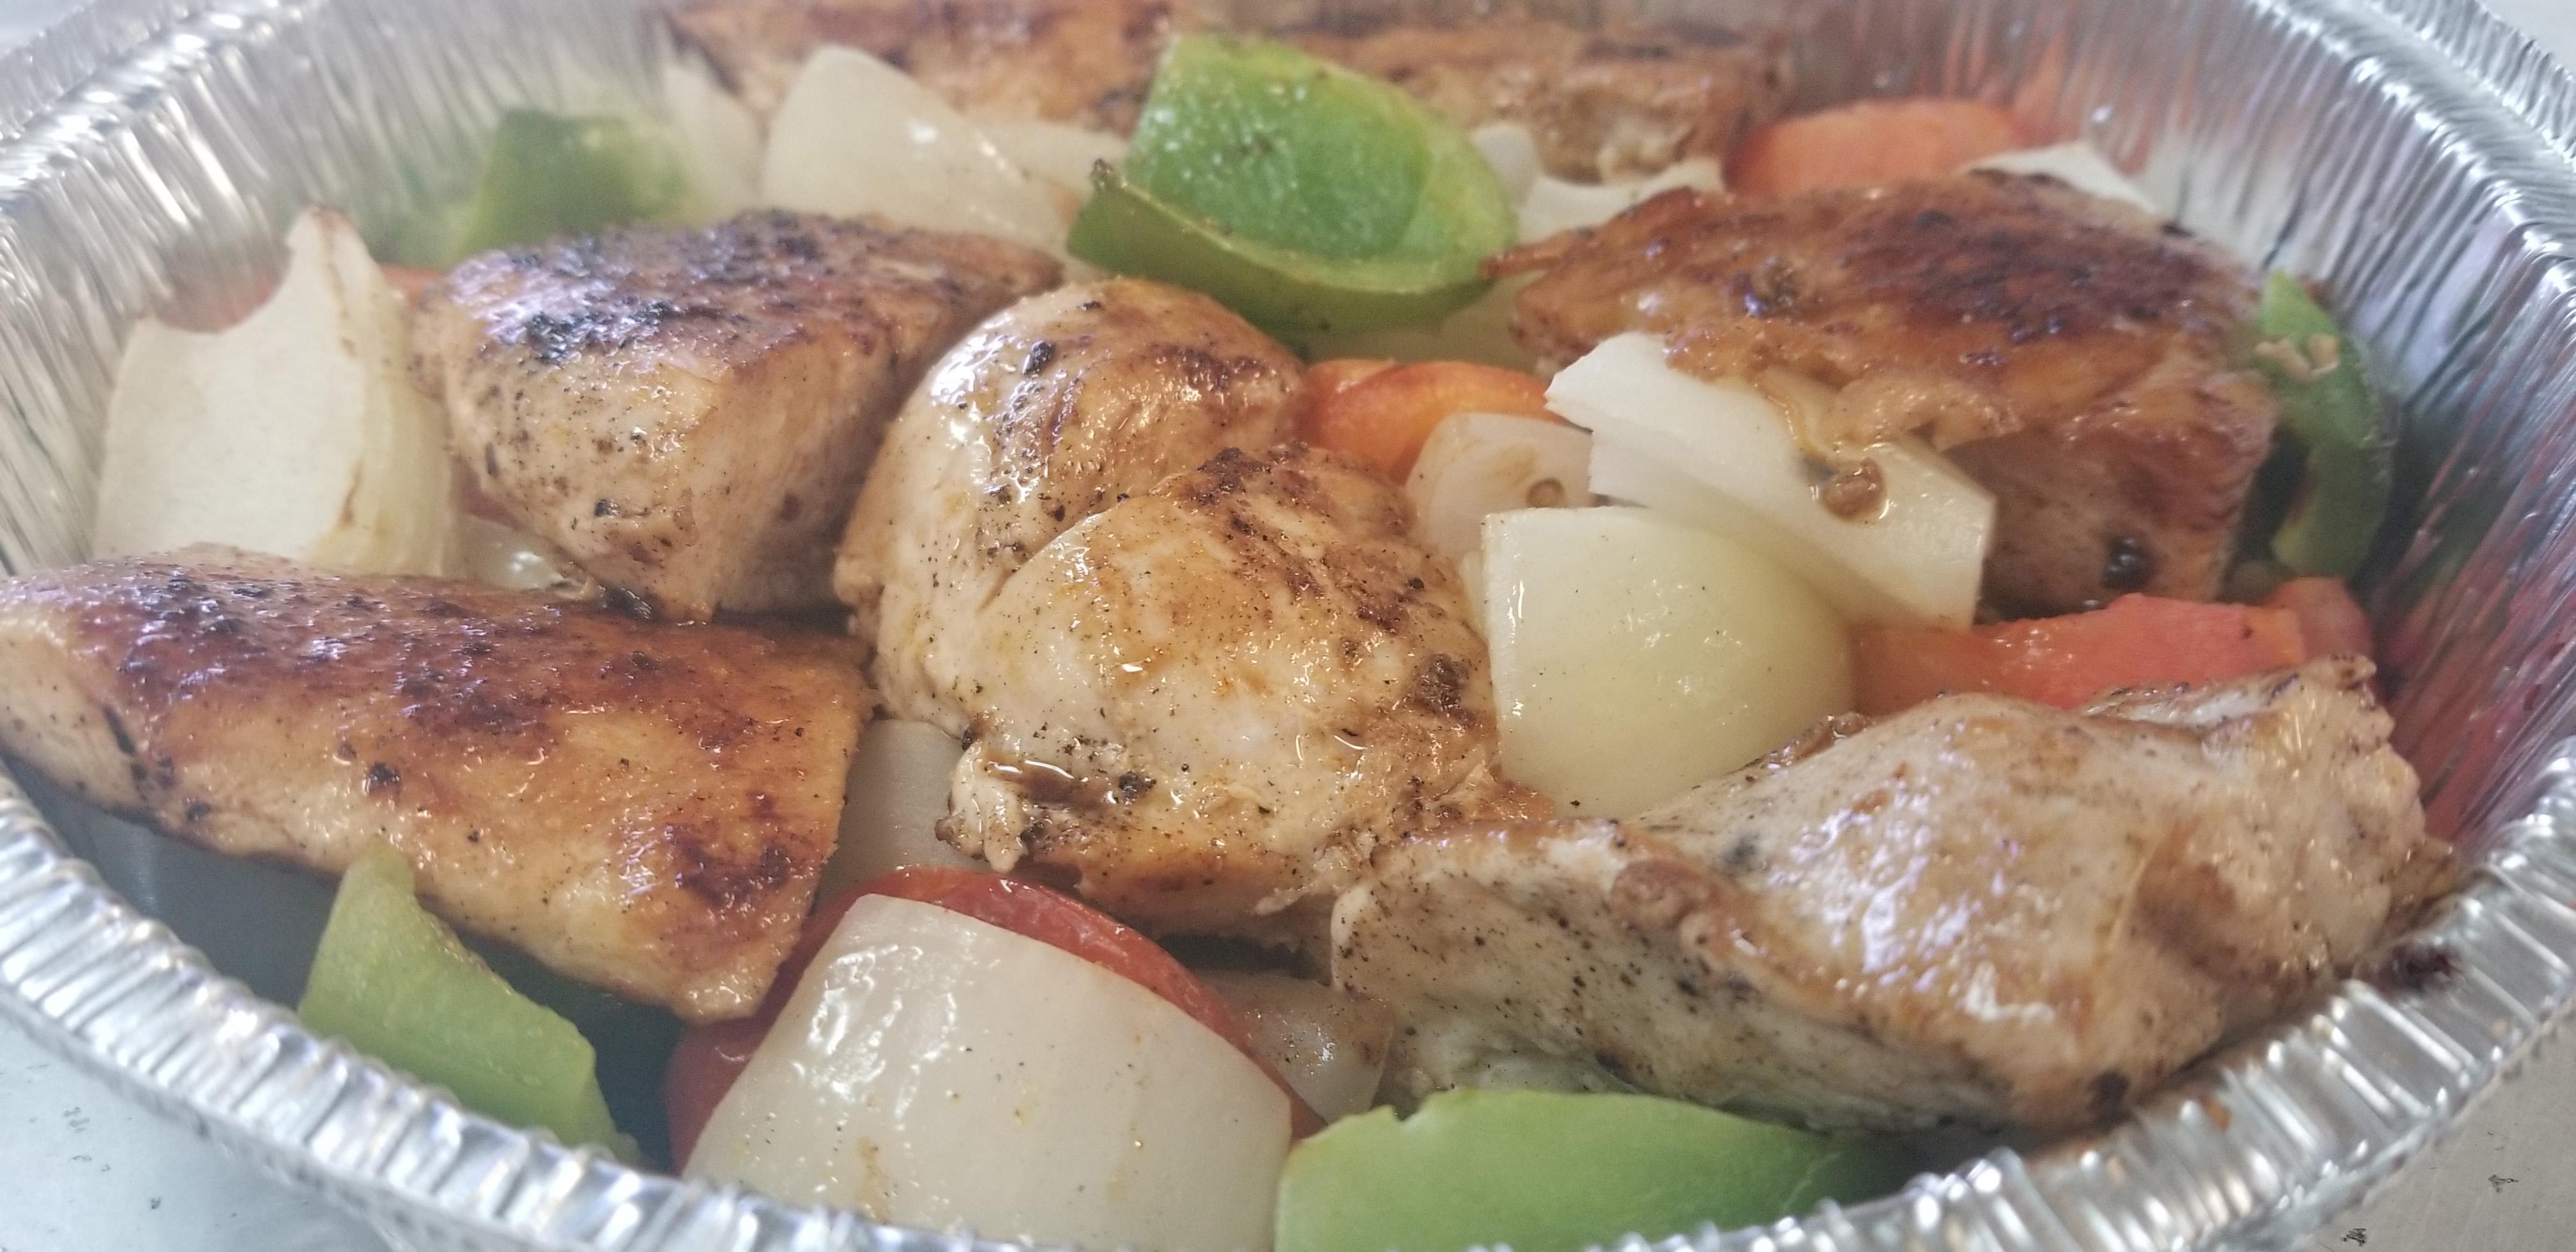 Chicken Kabob, Dessert and Drink